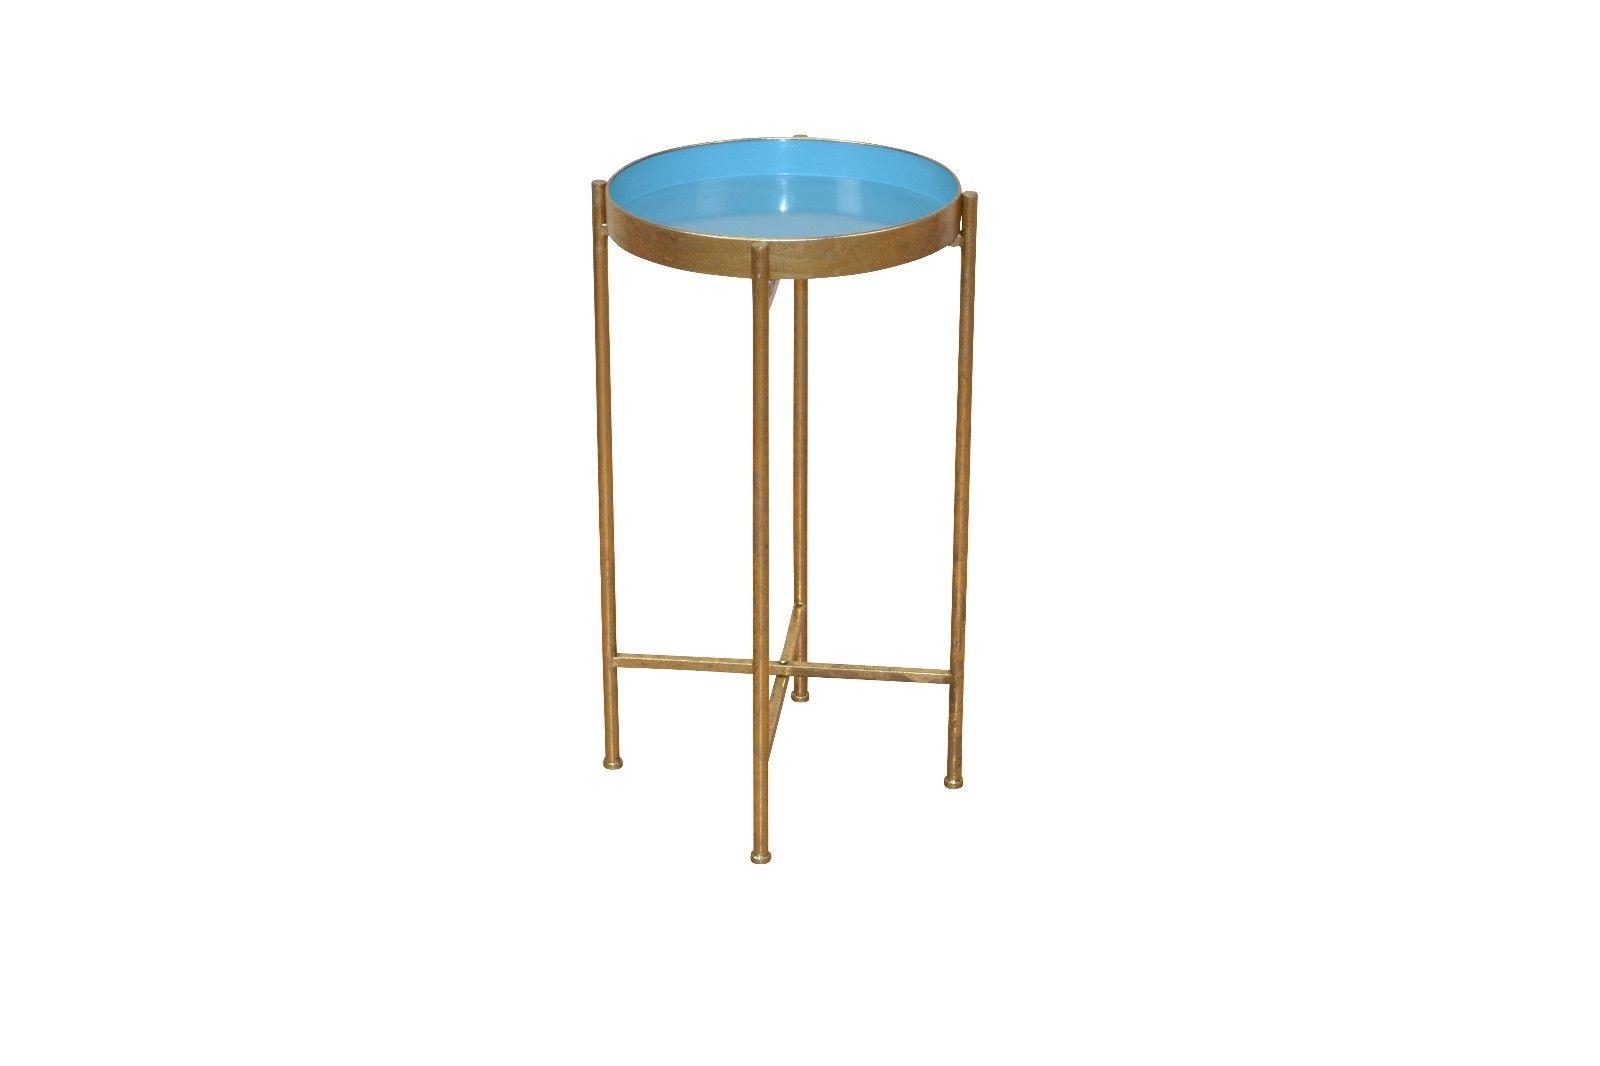 Beistelltisch antik rund  Beistelltisch blau antik goldfarben Beistelltisch rund ...